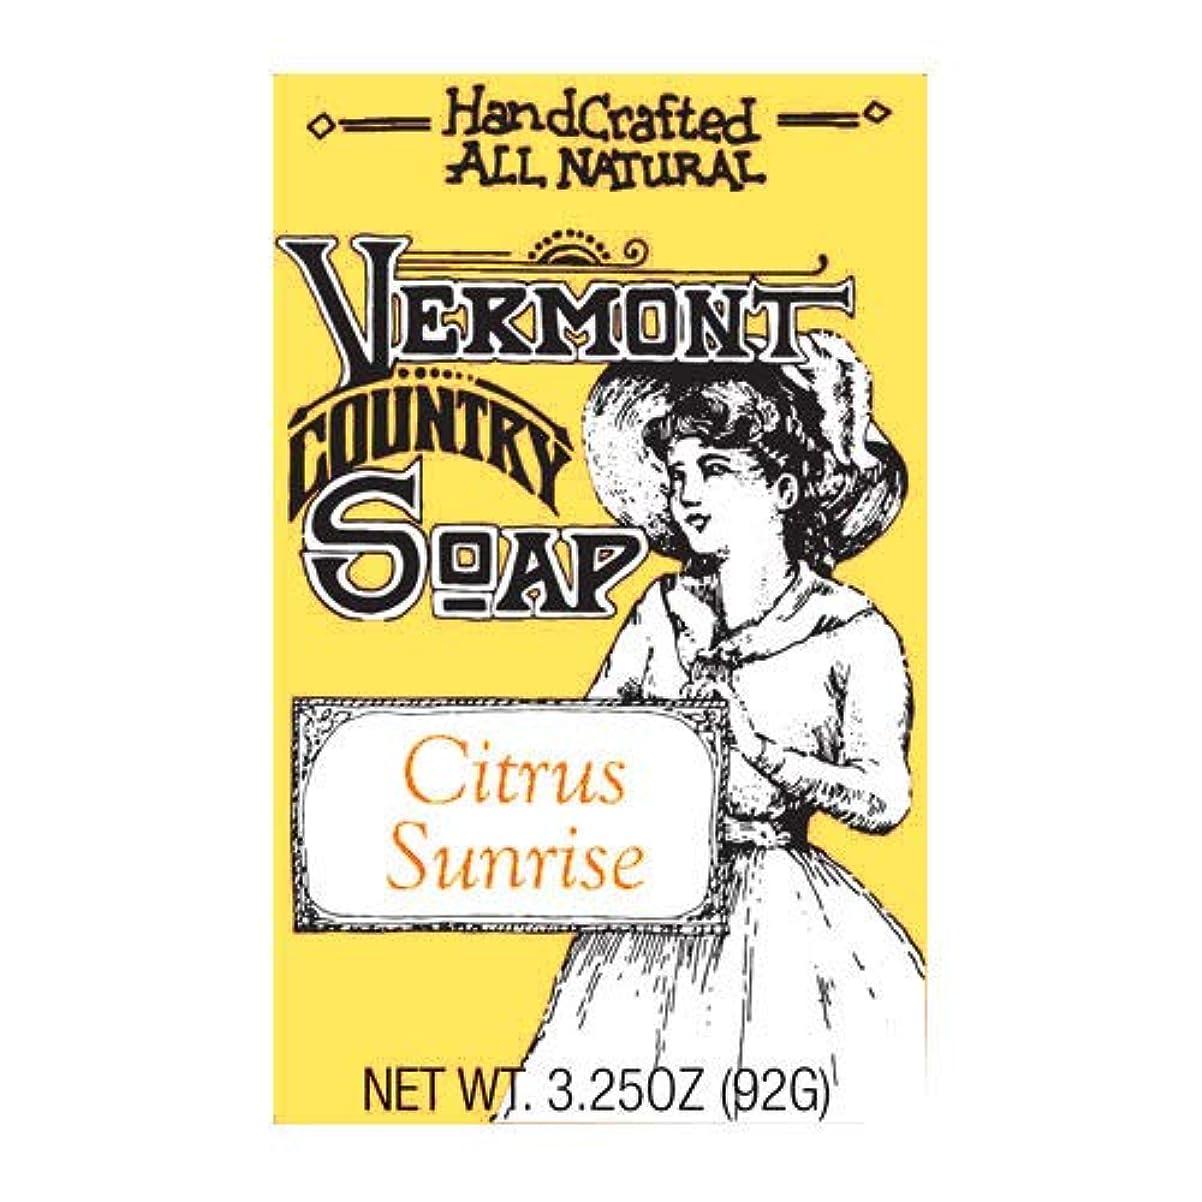 ブローホール基礎代替VermontSoap バーモントカントリーソープ 6種類 (シトラス サンライズ) 92g オーガニック石けん 洗顔 ボディー